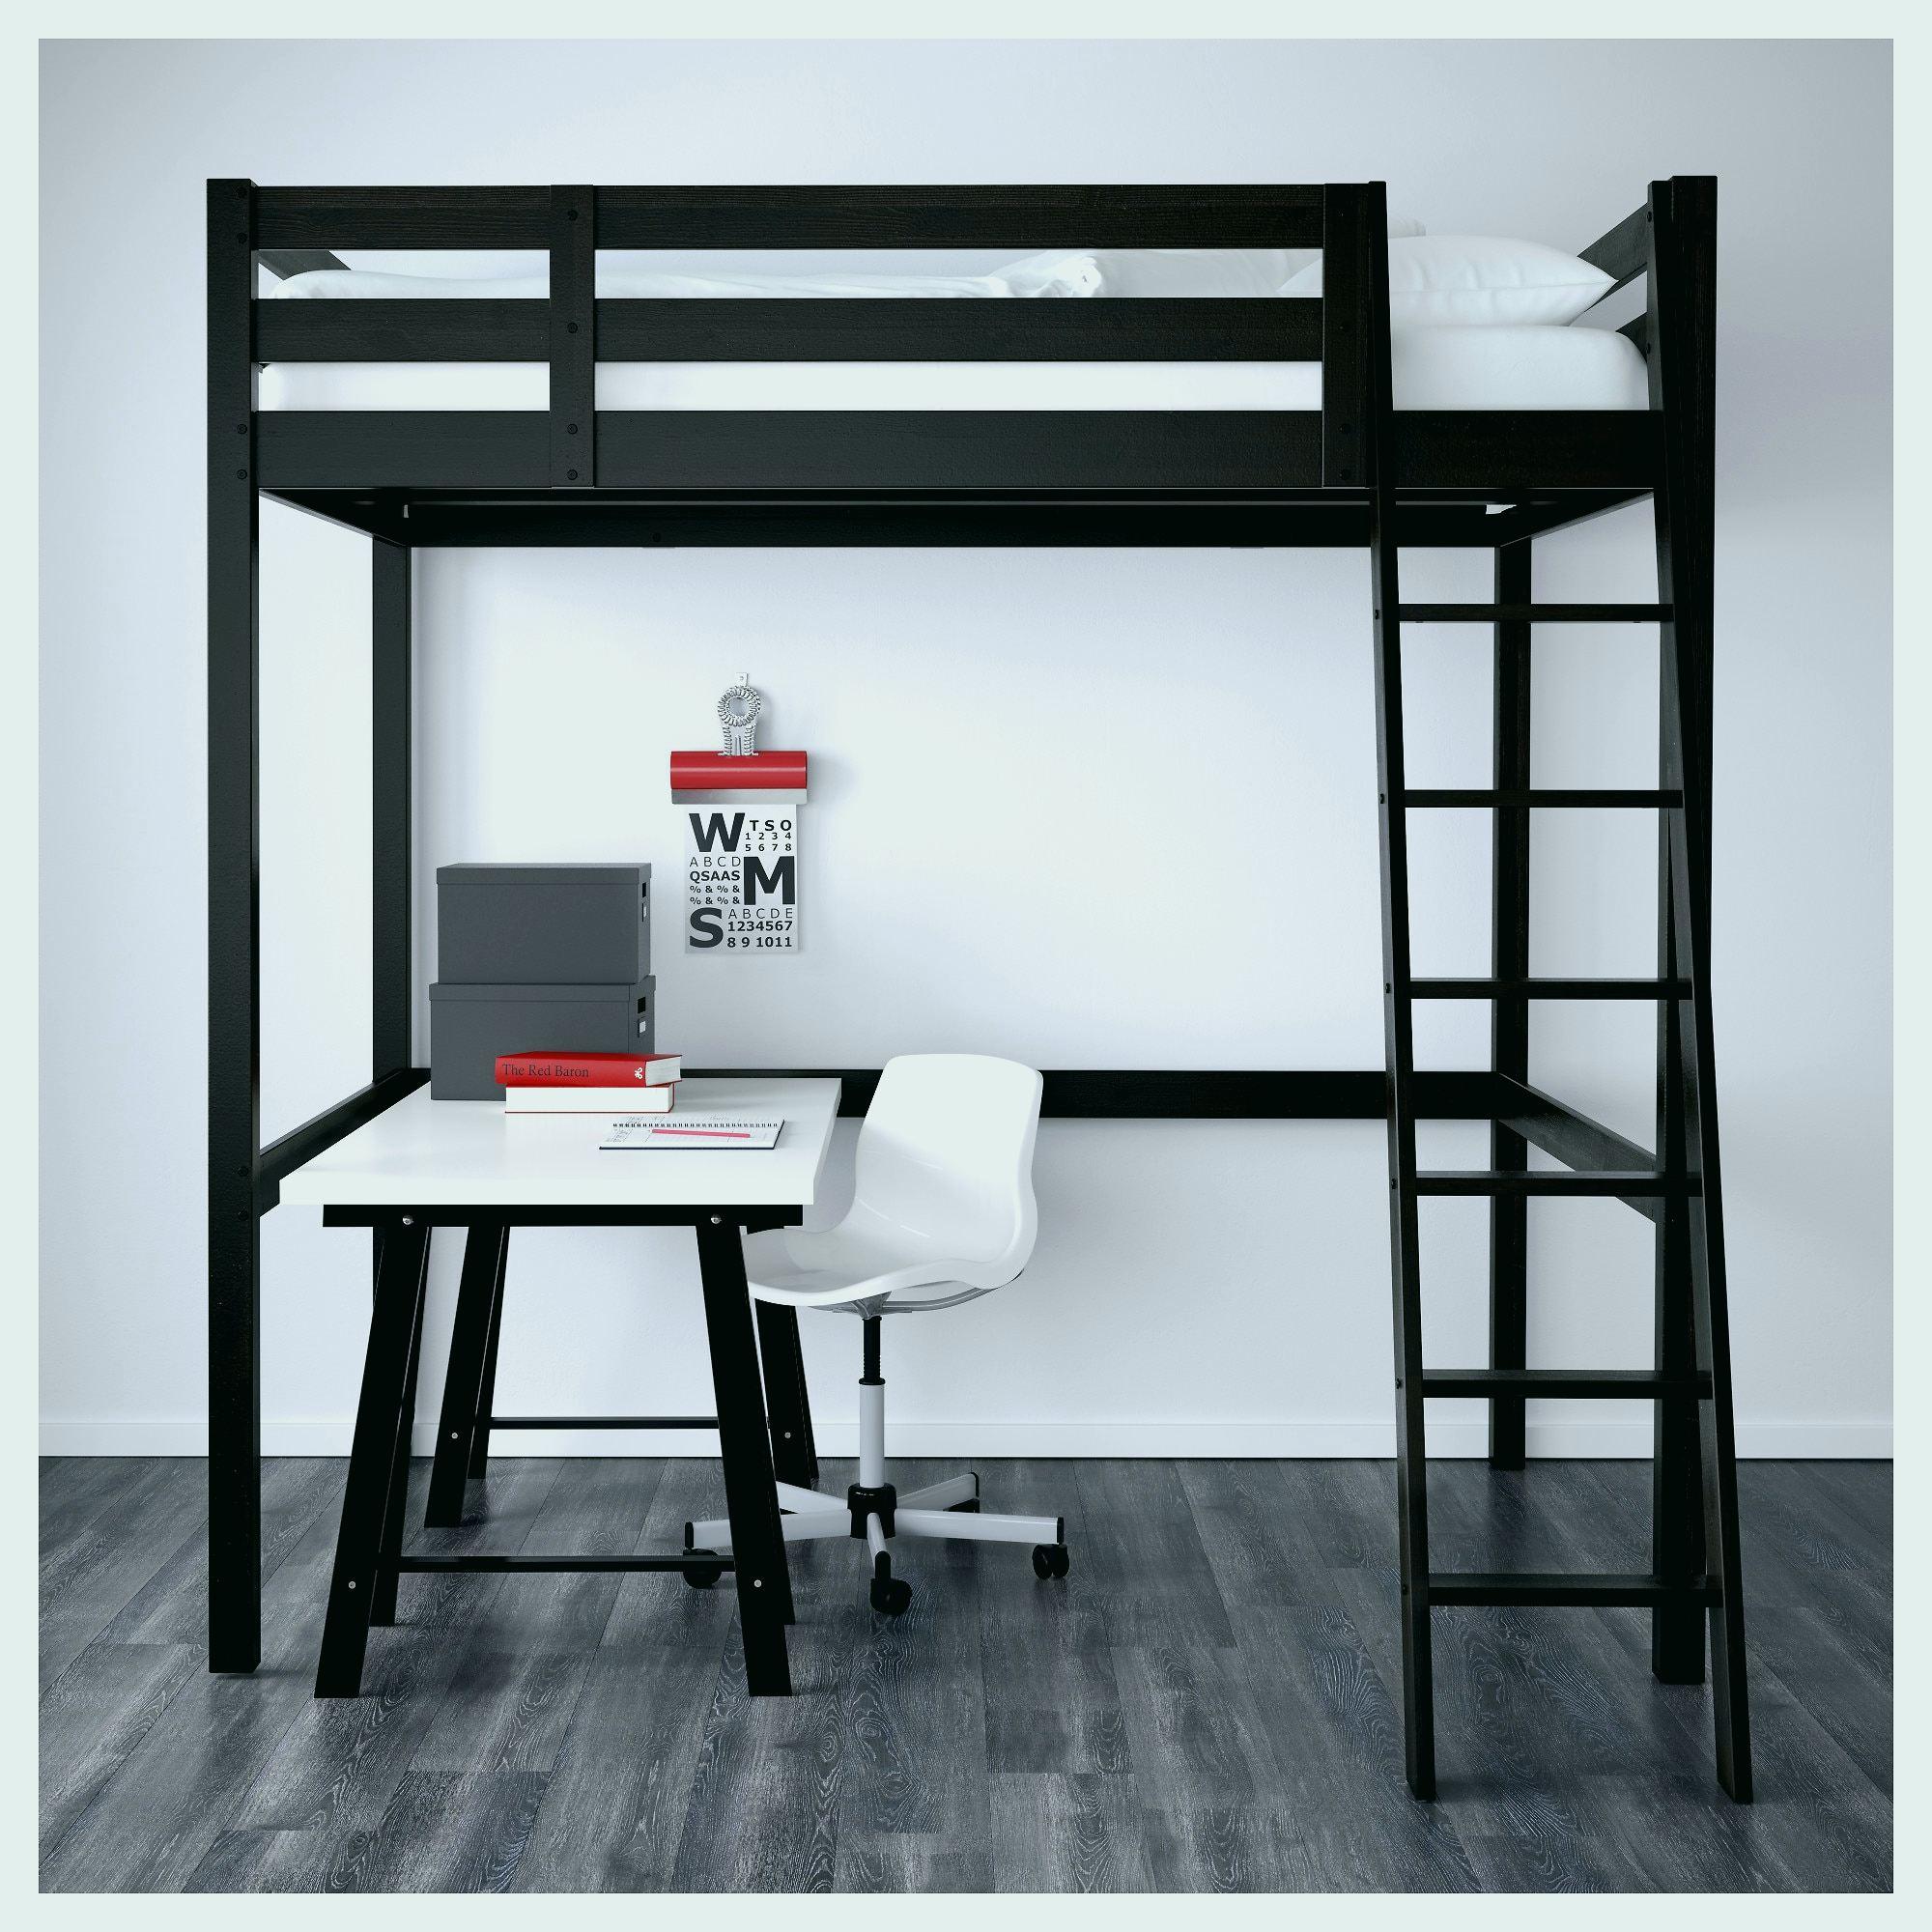 70 Meilleur De Images De Canapés 2 Places Ikea